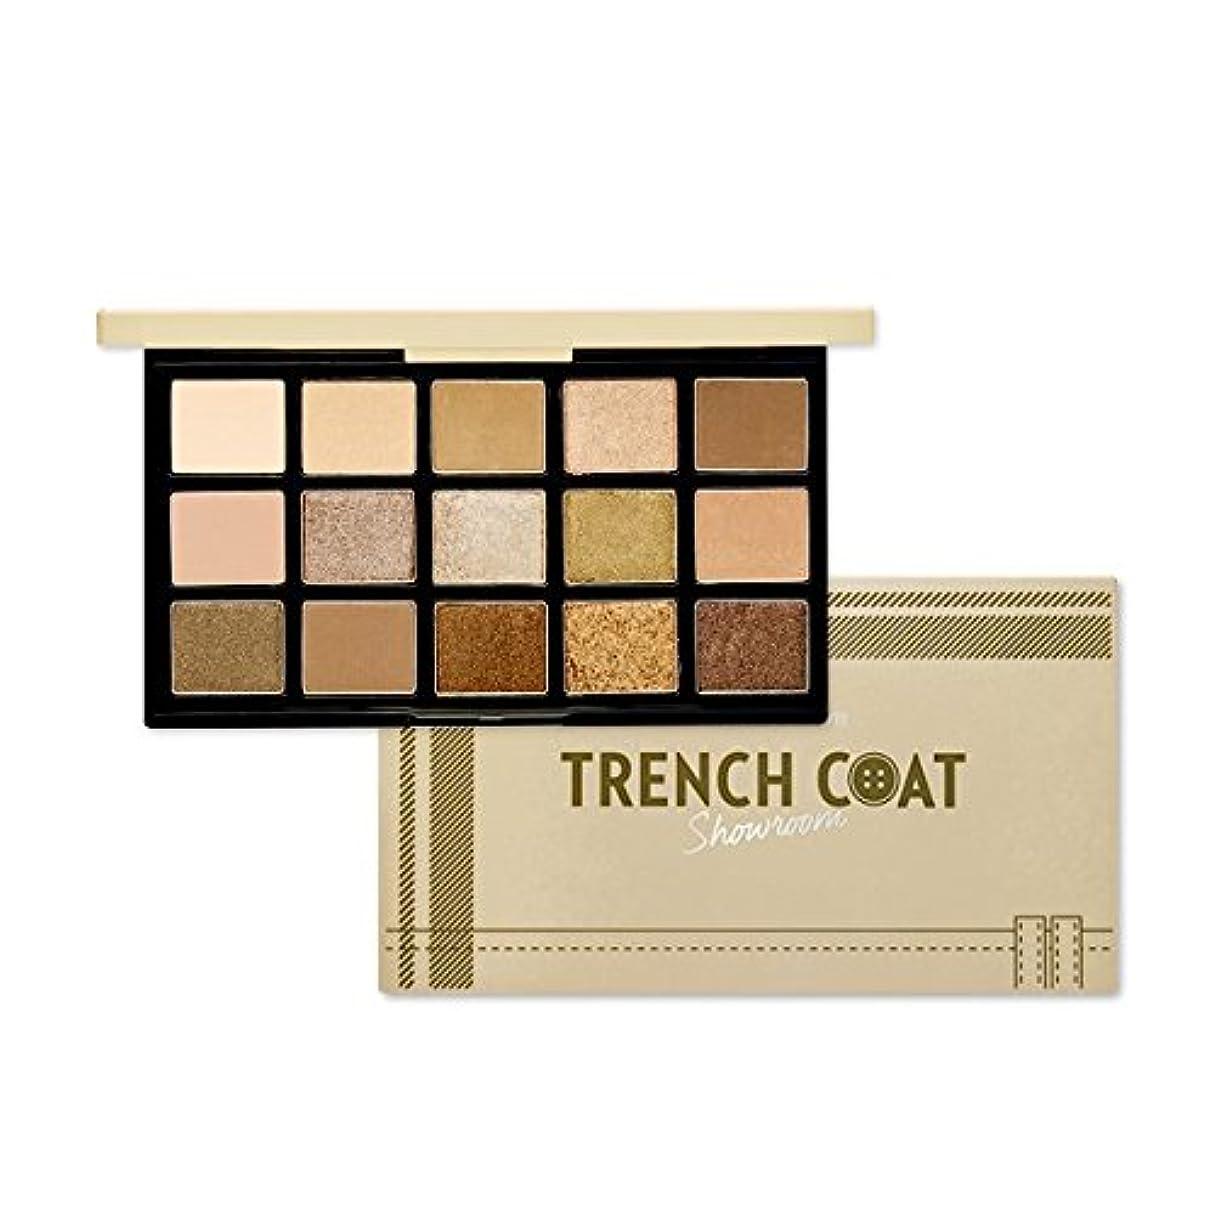 乱用リード充電ETUDE HOUSE Play Color Eye Palette - Trench coat Showroom/エチュードハウスプレイカラーアイパレット - トレンチコートショールーム [並行輸入品]